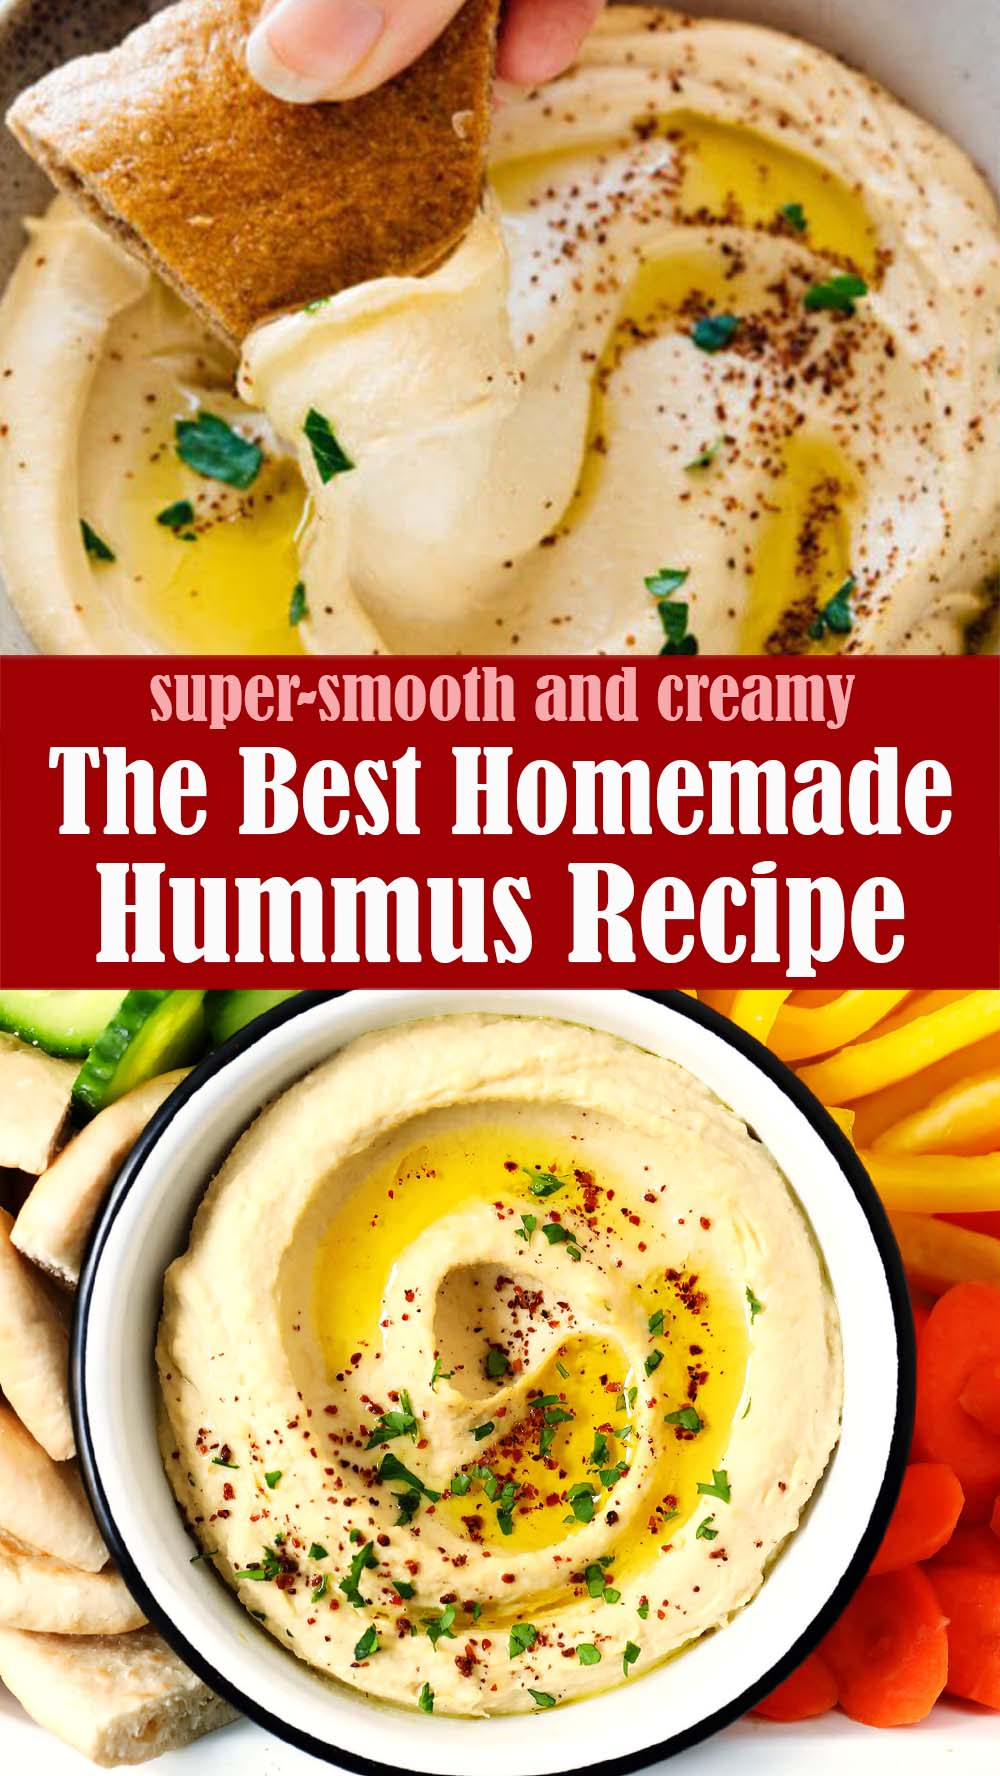 The Best Homemade Hummus Recipe